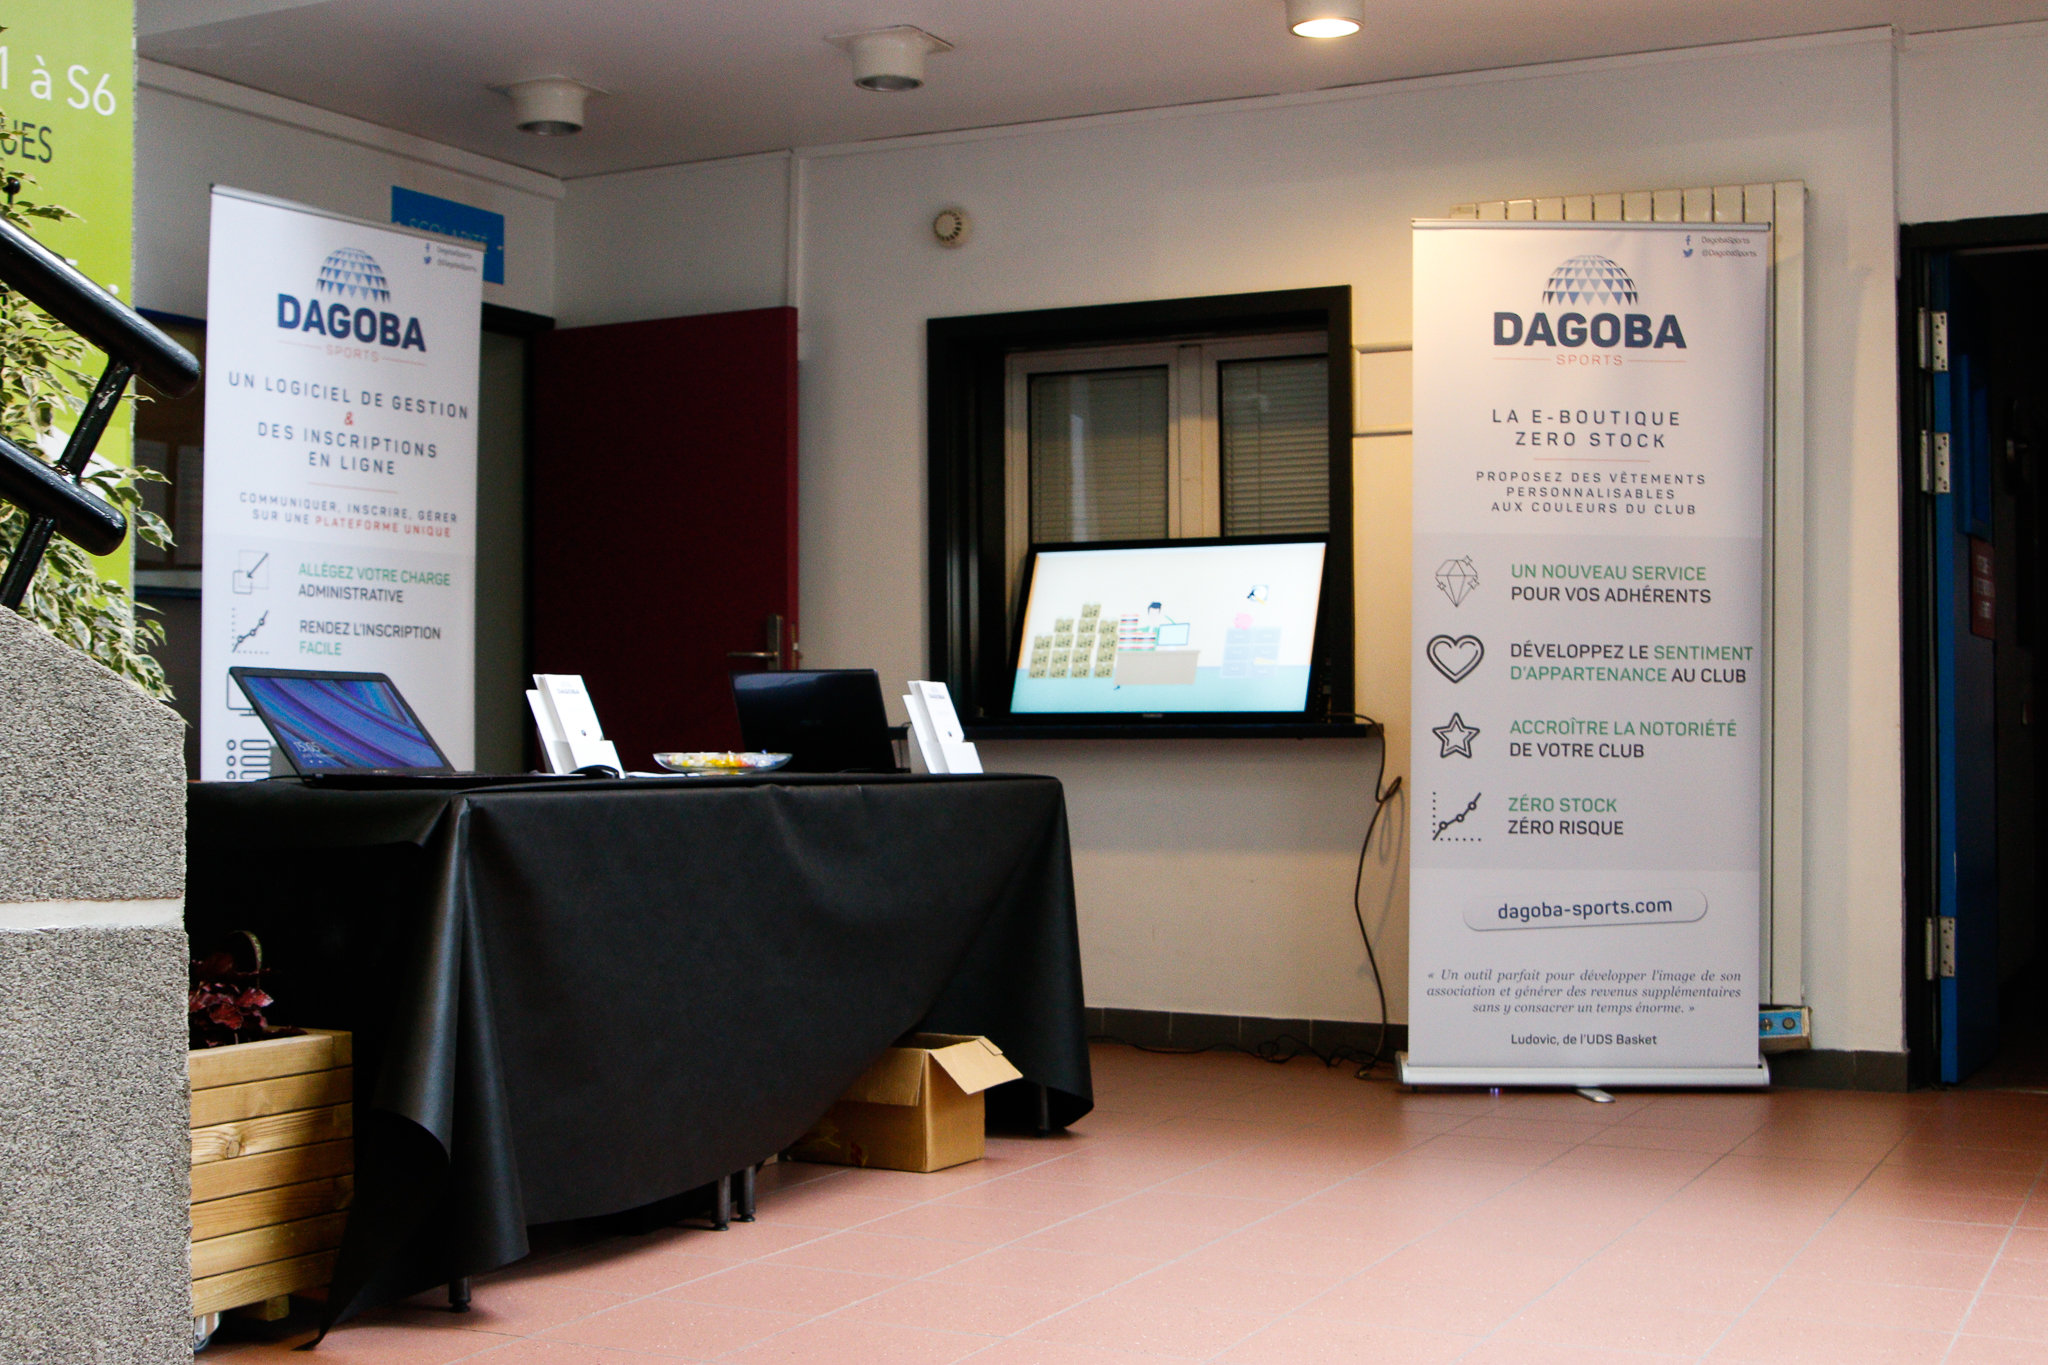 Le Stand DAGOBA SPORTS en pleine installation avec le congrès